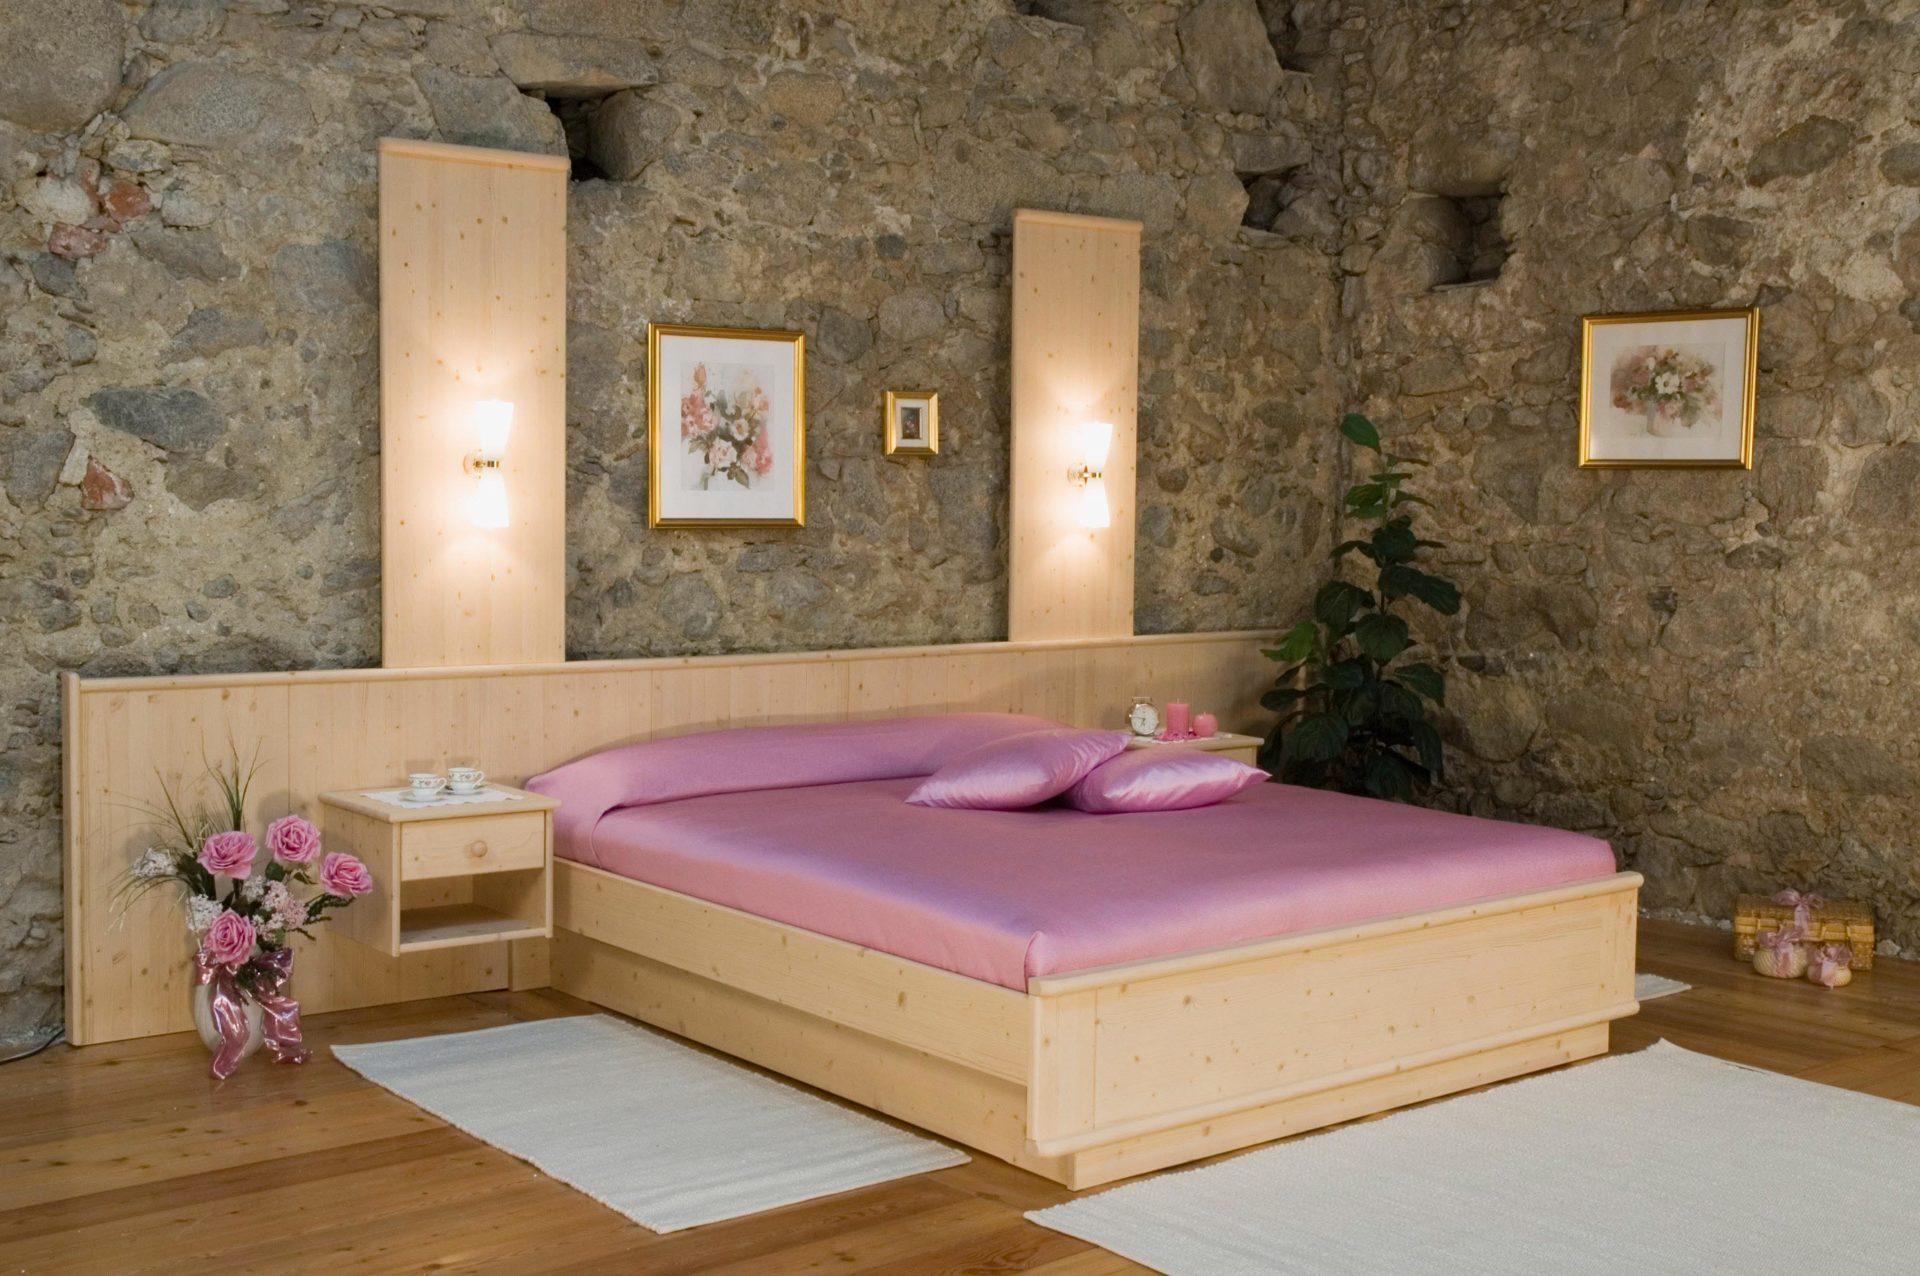 schlafzimmer zirbe modern – menerima, Schlafzimmer entwurf